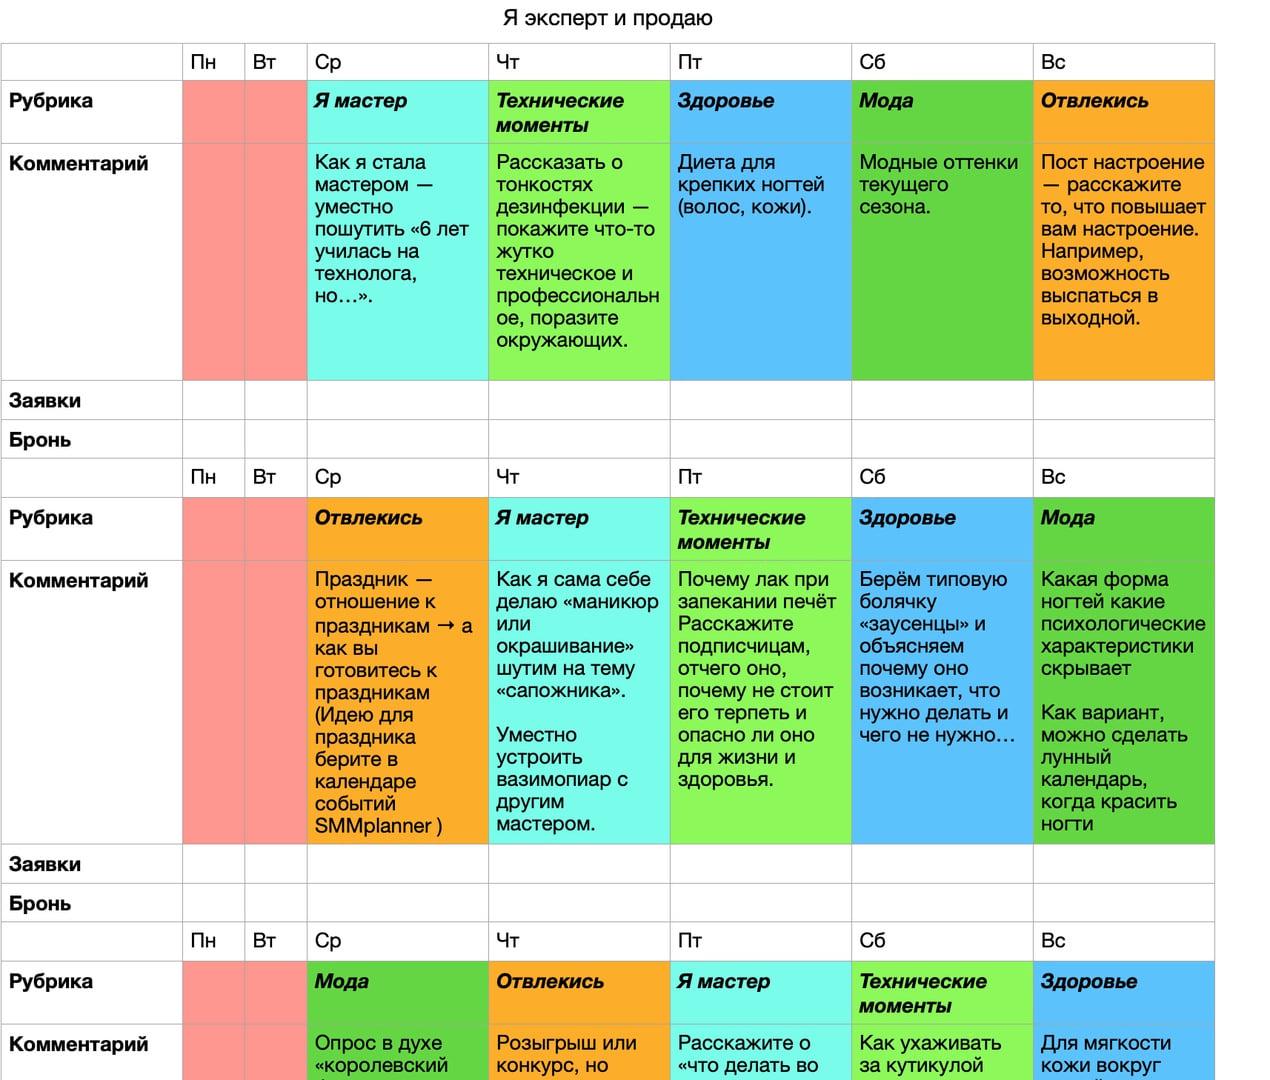 Частный пример контент-плана нейл-мастера, работающего на дому (обратите как этот контент-план похож на контент-план для согласования, что указывает, что в контент-плане, гораздо важнее задача, которую он решает, а не форма)